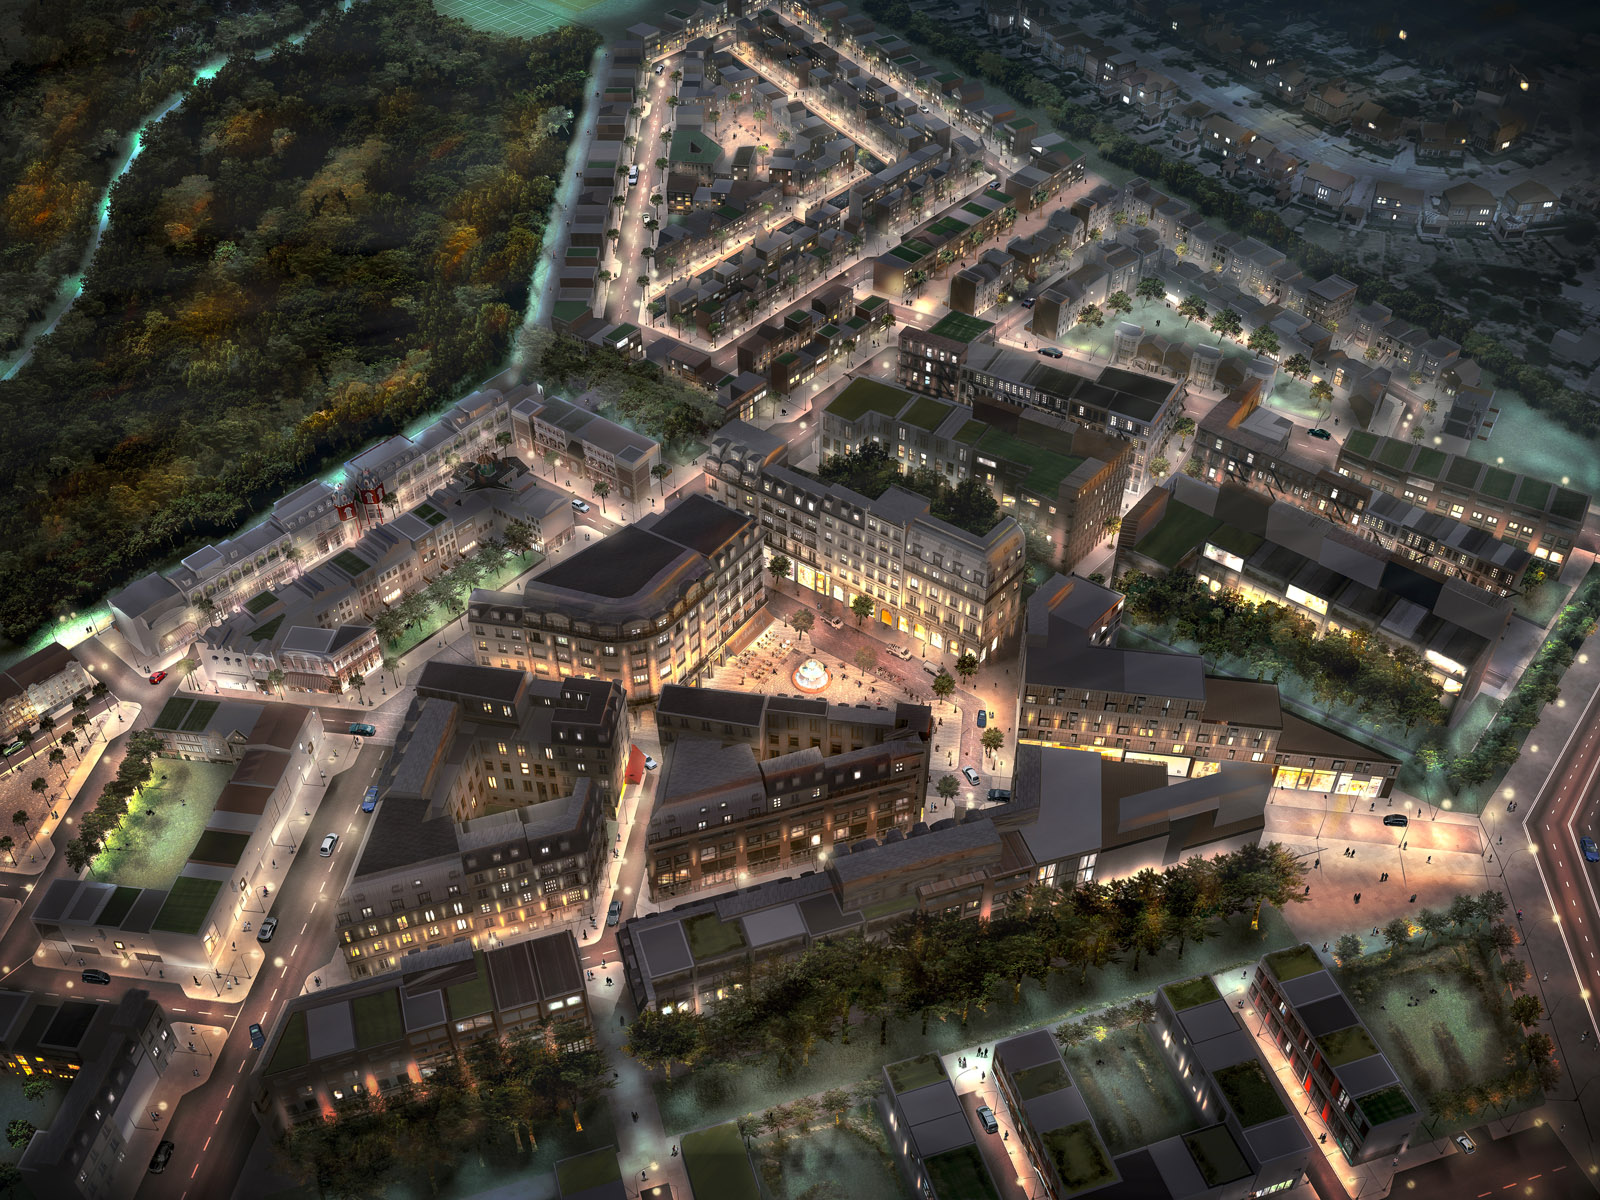 Pinewood Studios set aerial view